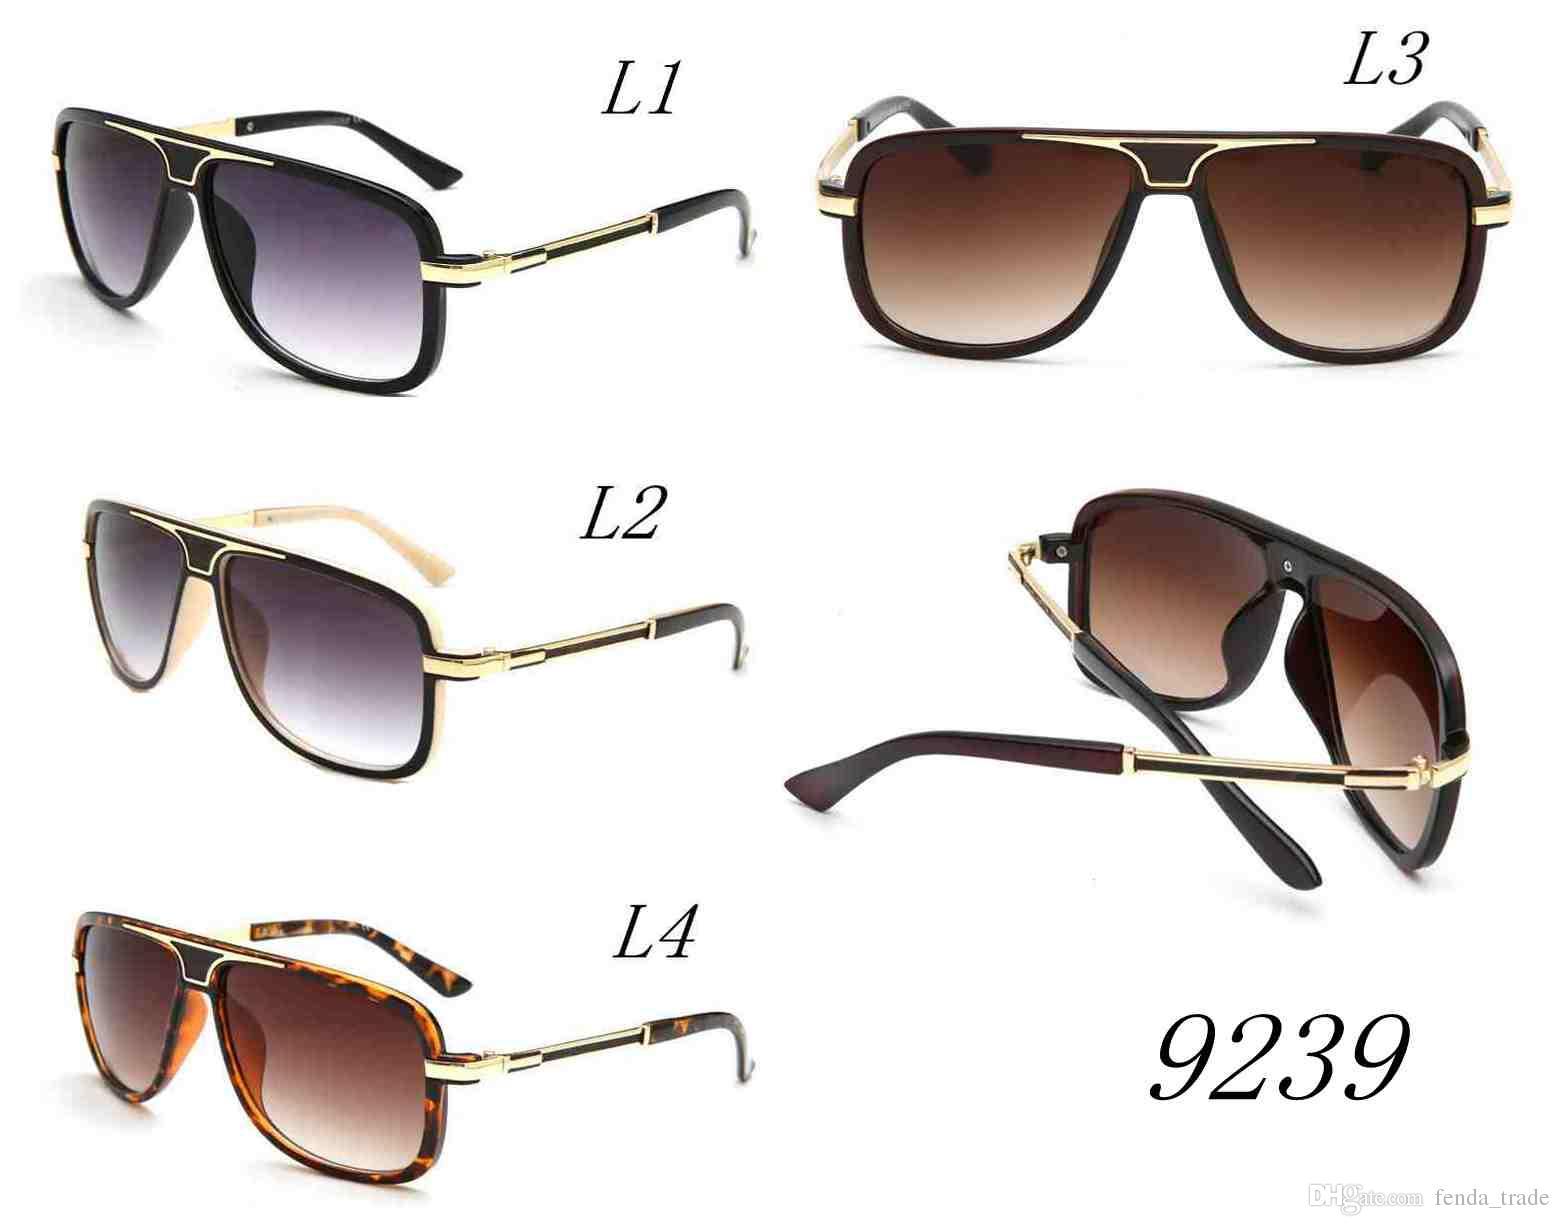 Die Neue Männer frauen GESICHT Sonnenbrille 9239 Mode Große Metallrahmen Sonnenbrille UV400 Männer Brillen Top Qualität A + + + MOQ = 10